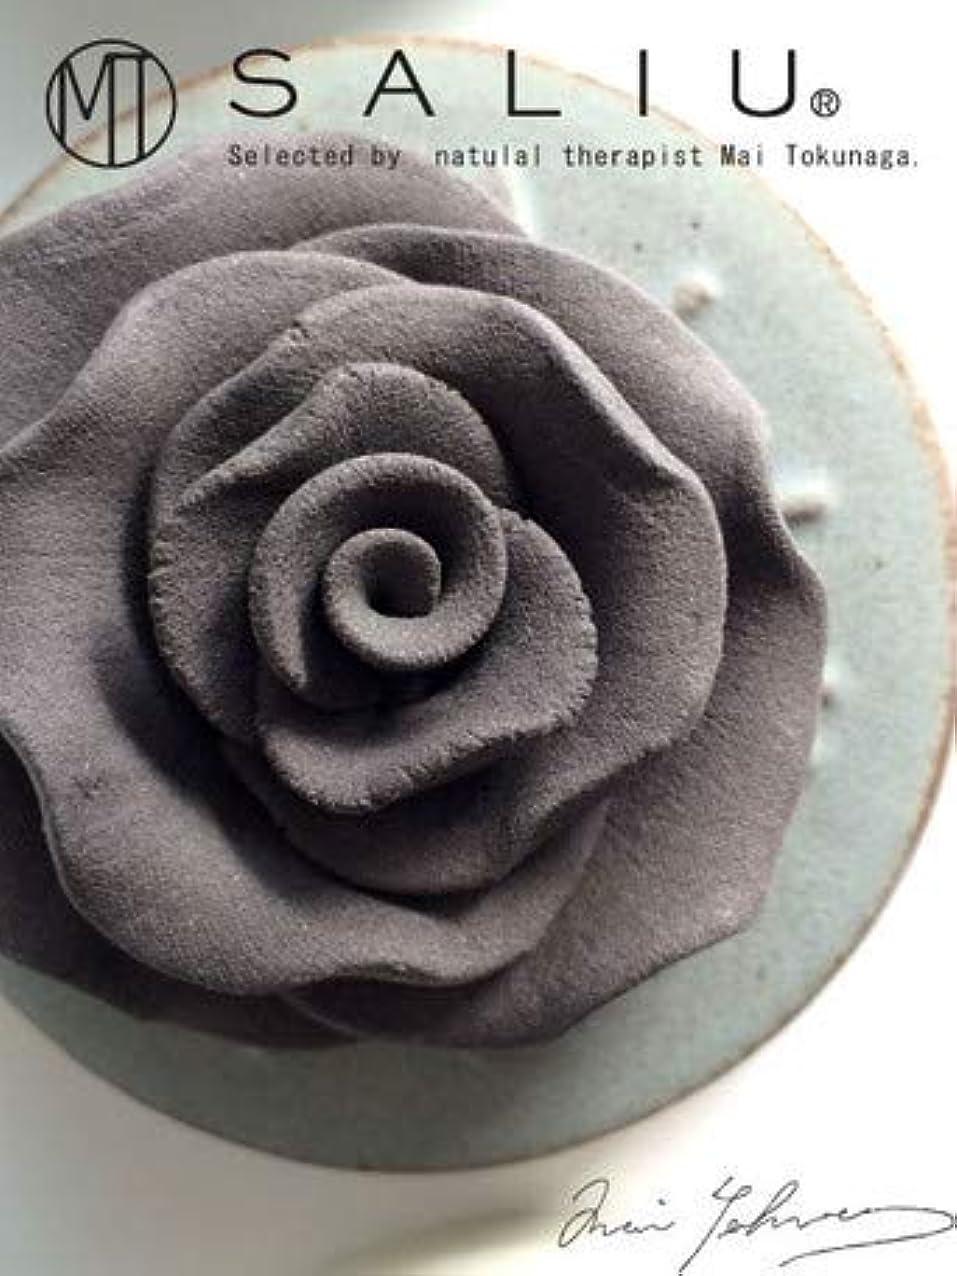 るスカルク眉をひそめるLOLO ロロ SALIU ローズセットh 灰 グレー ローズ?トレイ:陶器 フレグランスオイル内容量5ml